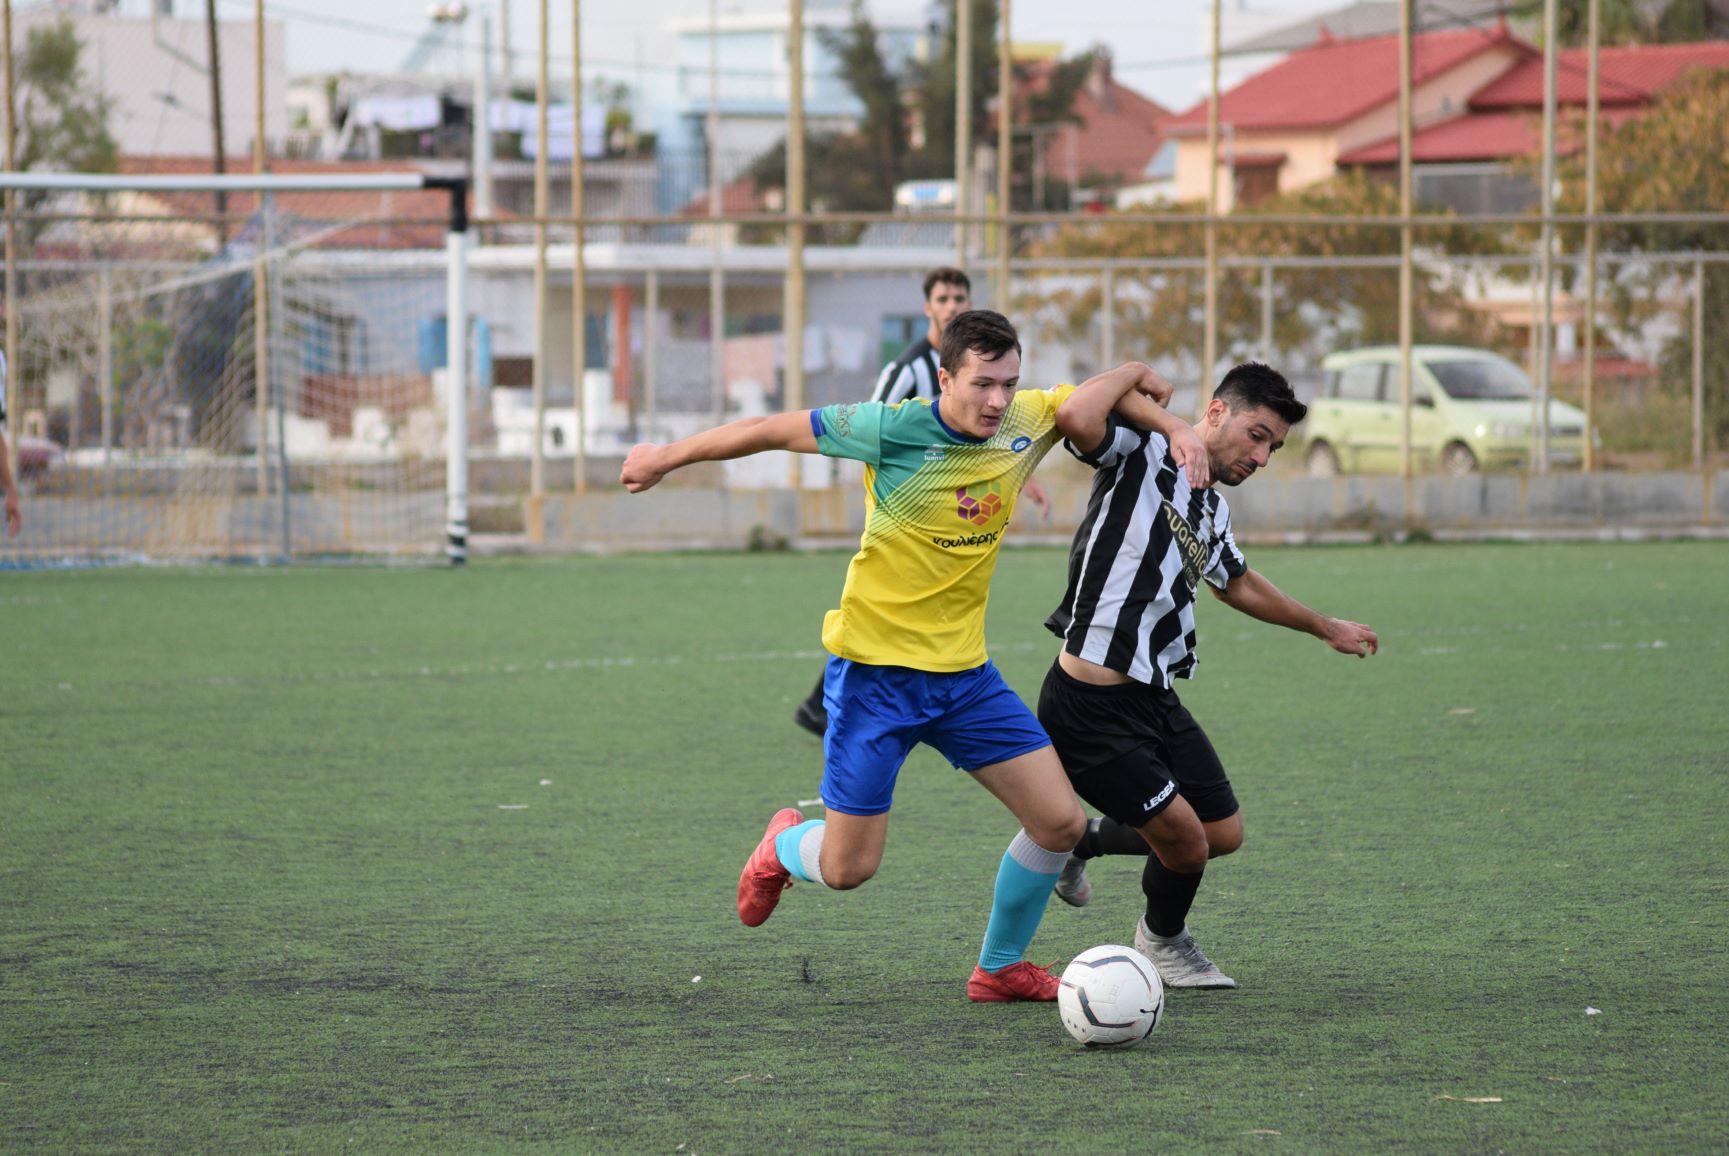 Καλύτερος, αλλά άτυχος ο Πανθουριακός, μπορούσε την νίκη στο 0-0 με την Μάνη… (photos)